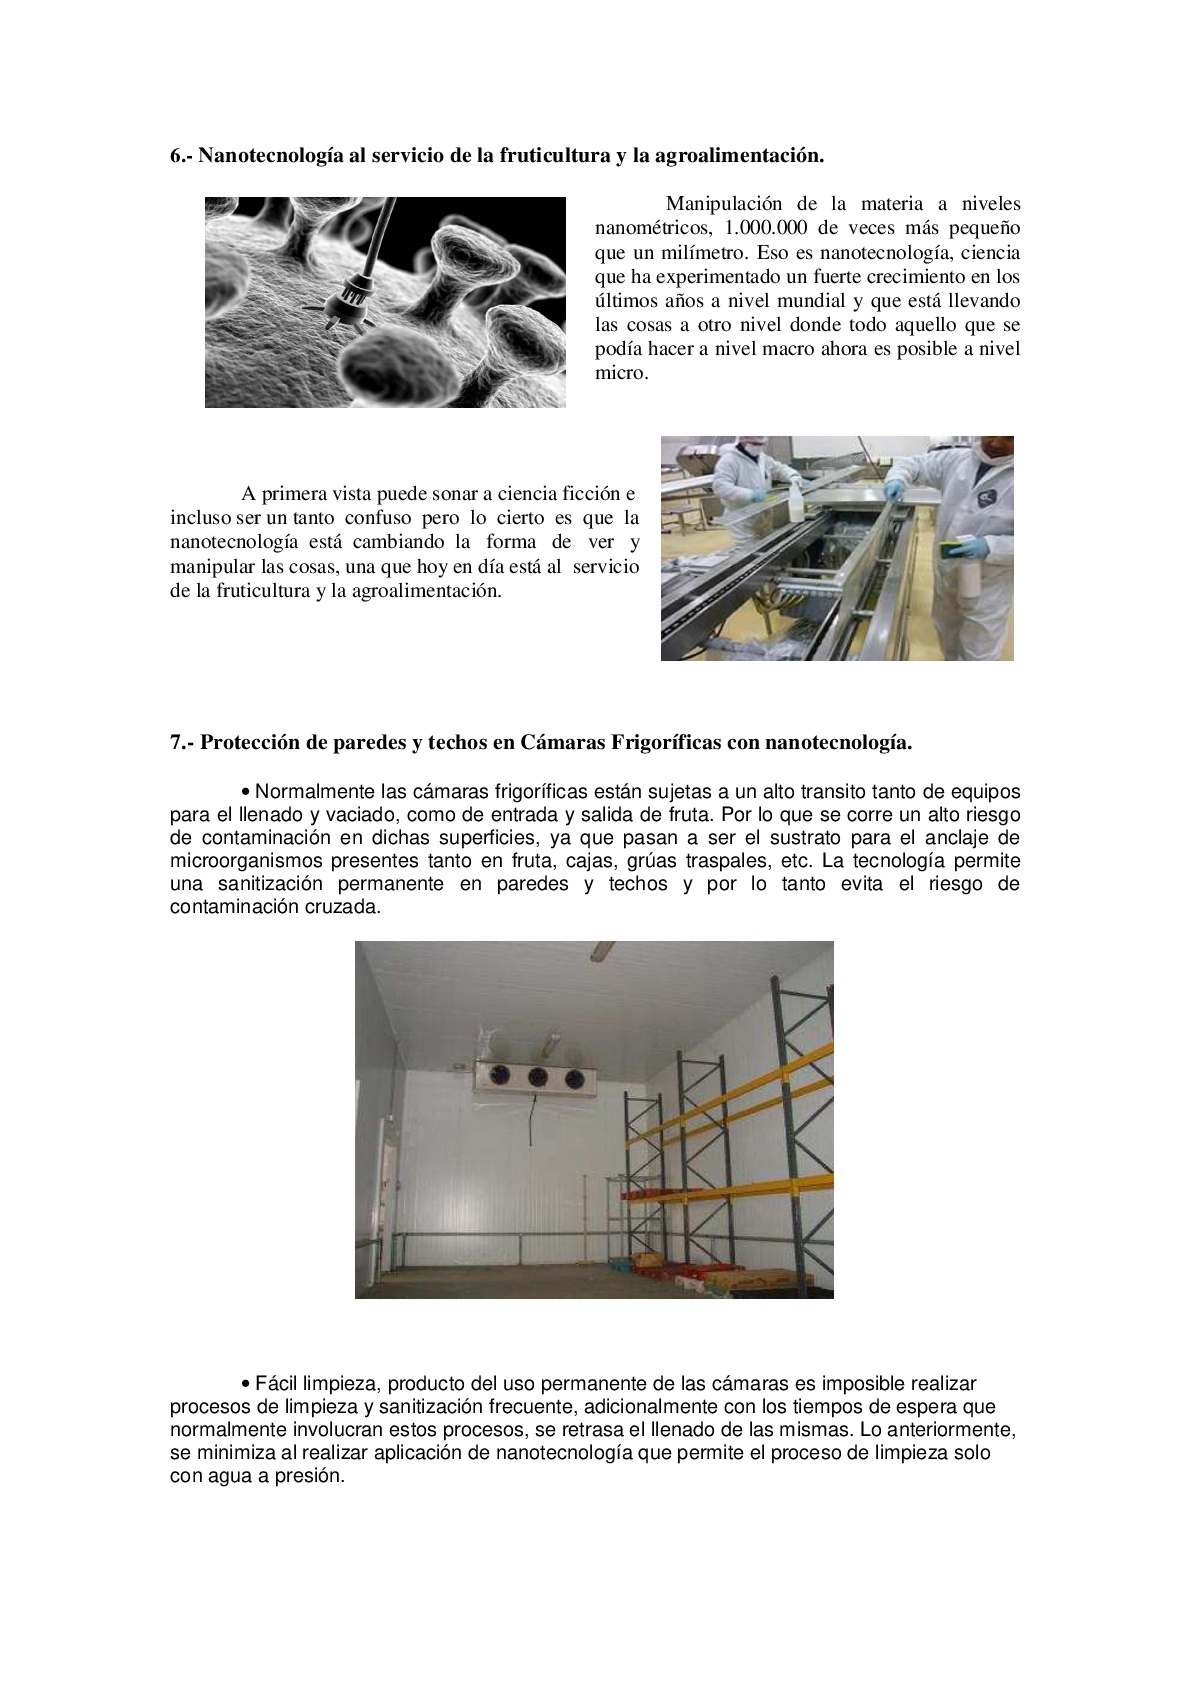 Soluciones-al-sector-alimentacion-003